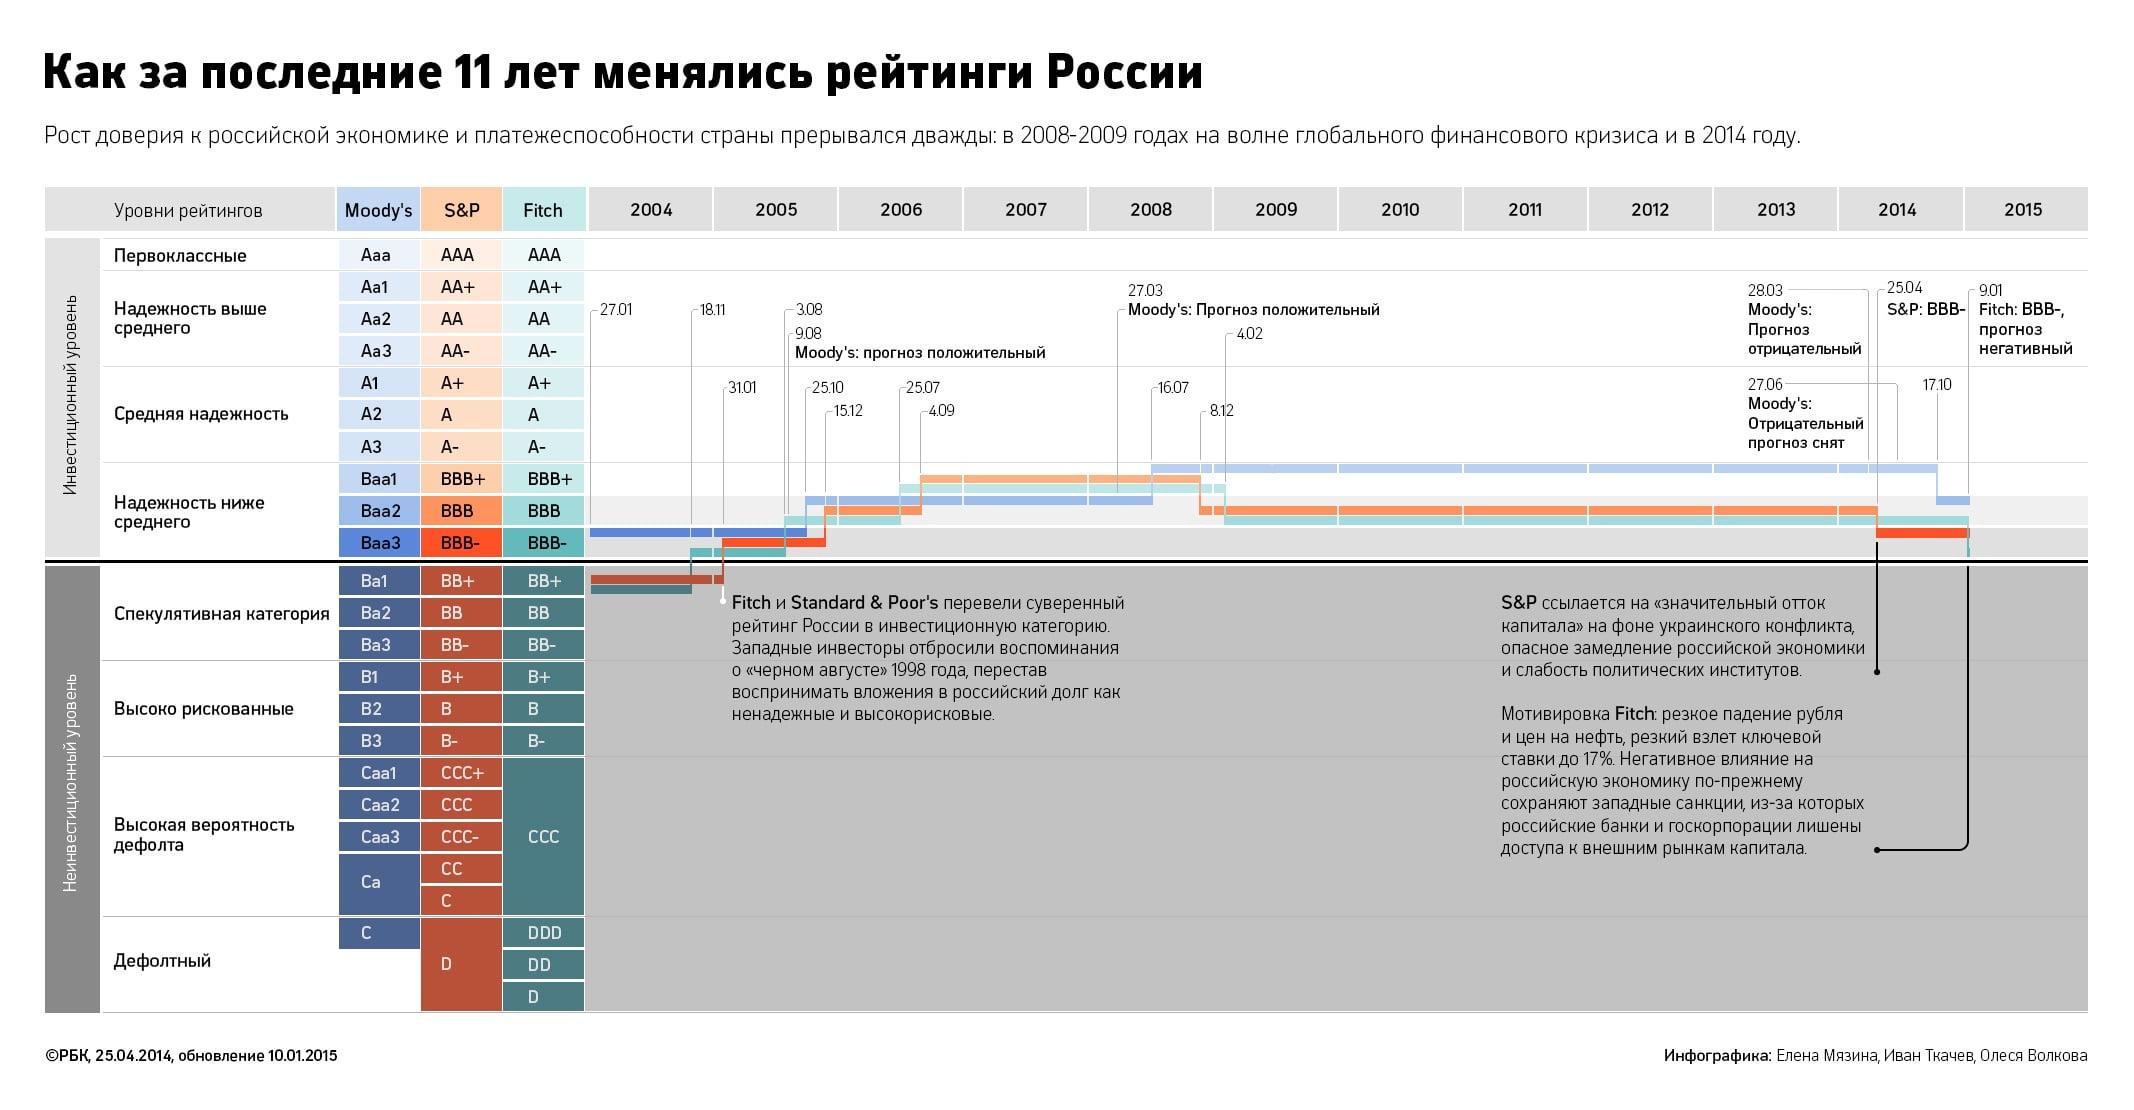 кредитный рейтинг России